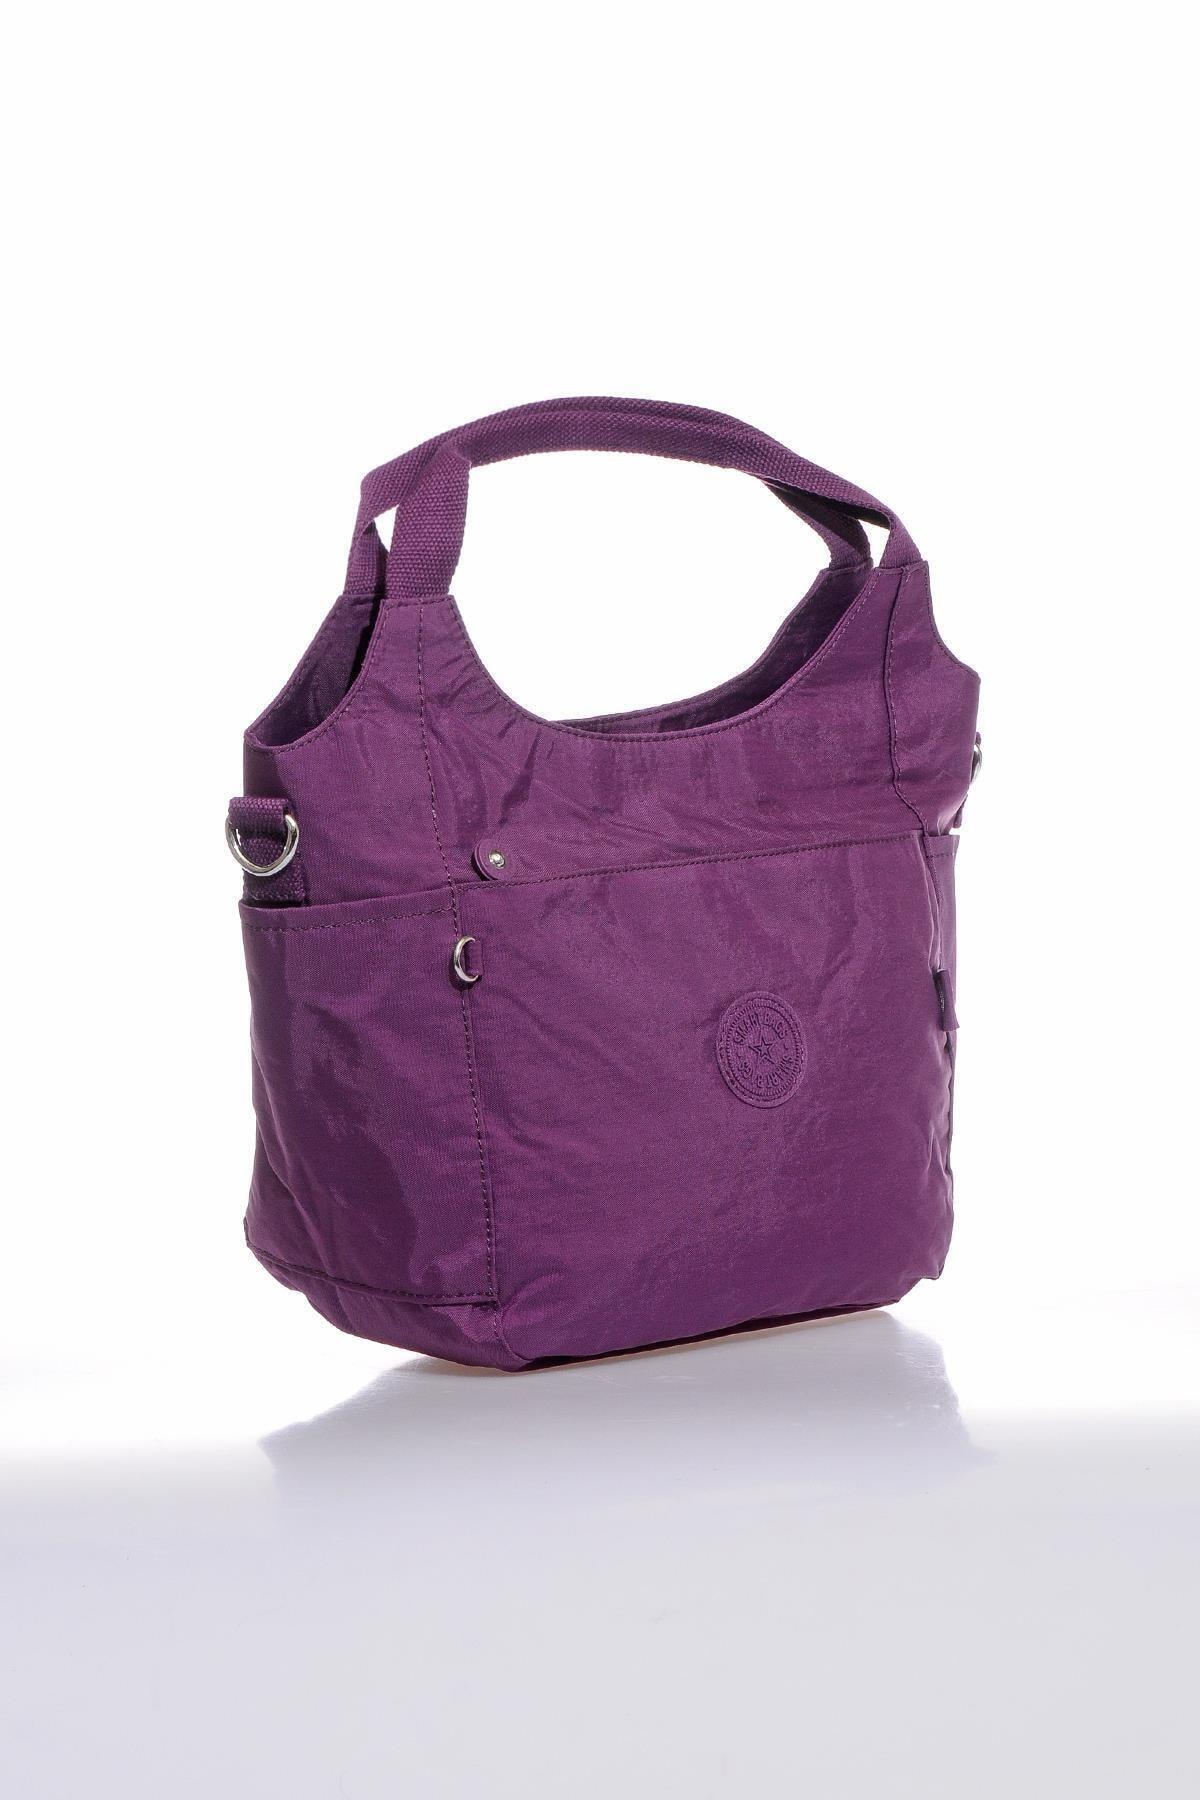 SMART BAGS Smb3079-0027 Mor Kadın Omuz Çantası 2